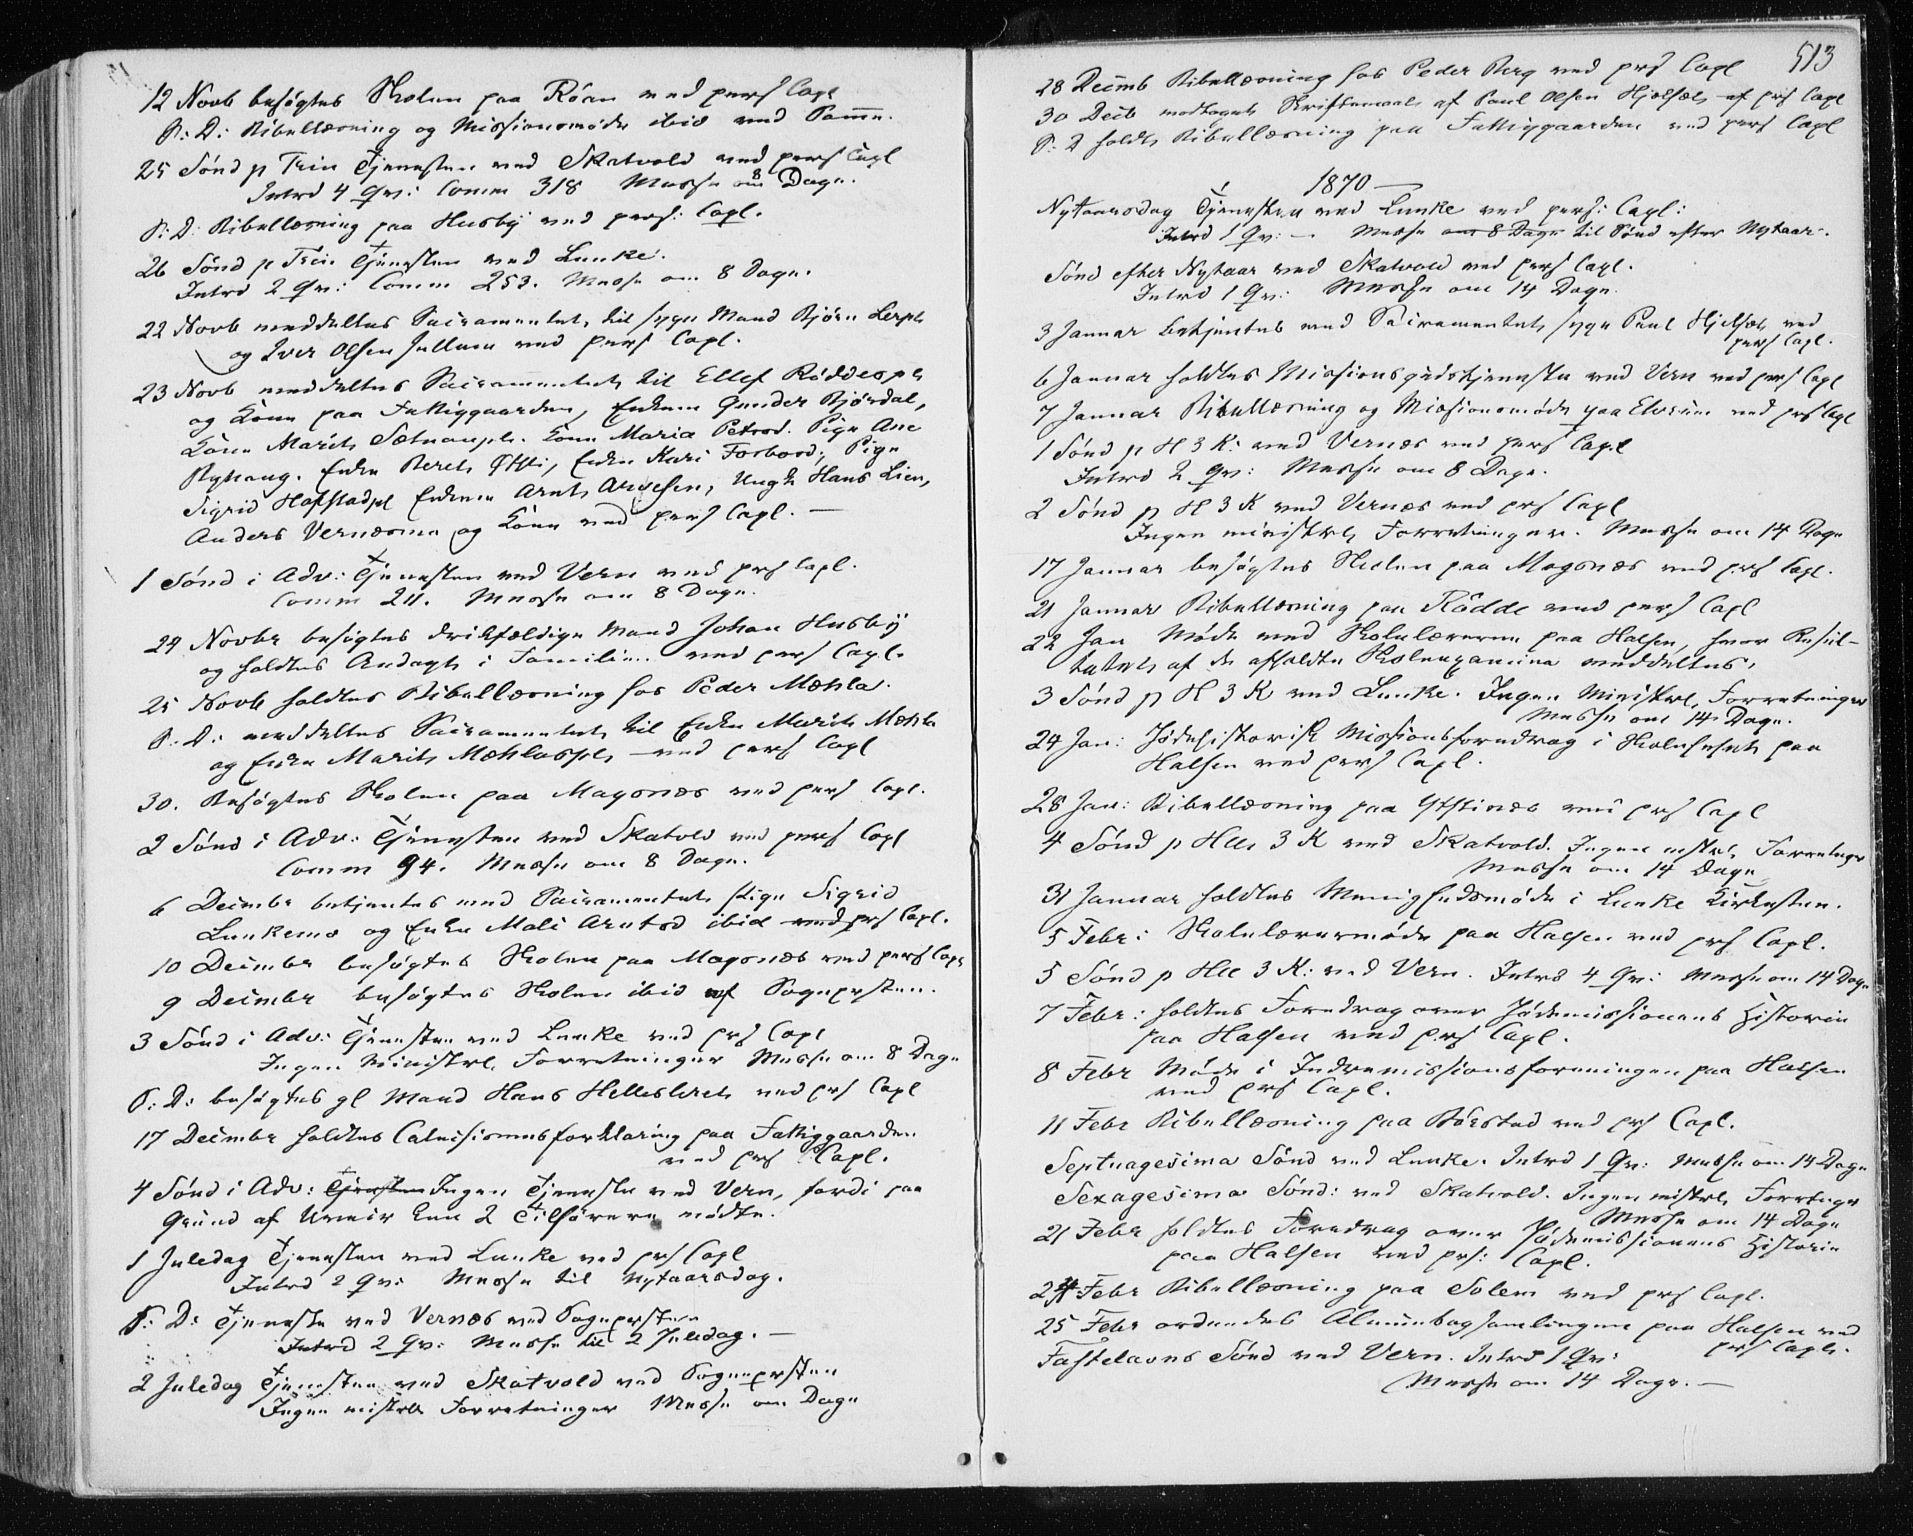 SAT, Ministerialprotokoller, klokkerbøker og fødselsregistre - Nord-Trøndelag, 709/L0075: Ministerialbok nr. 709A15, 1859-1870, s. 513